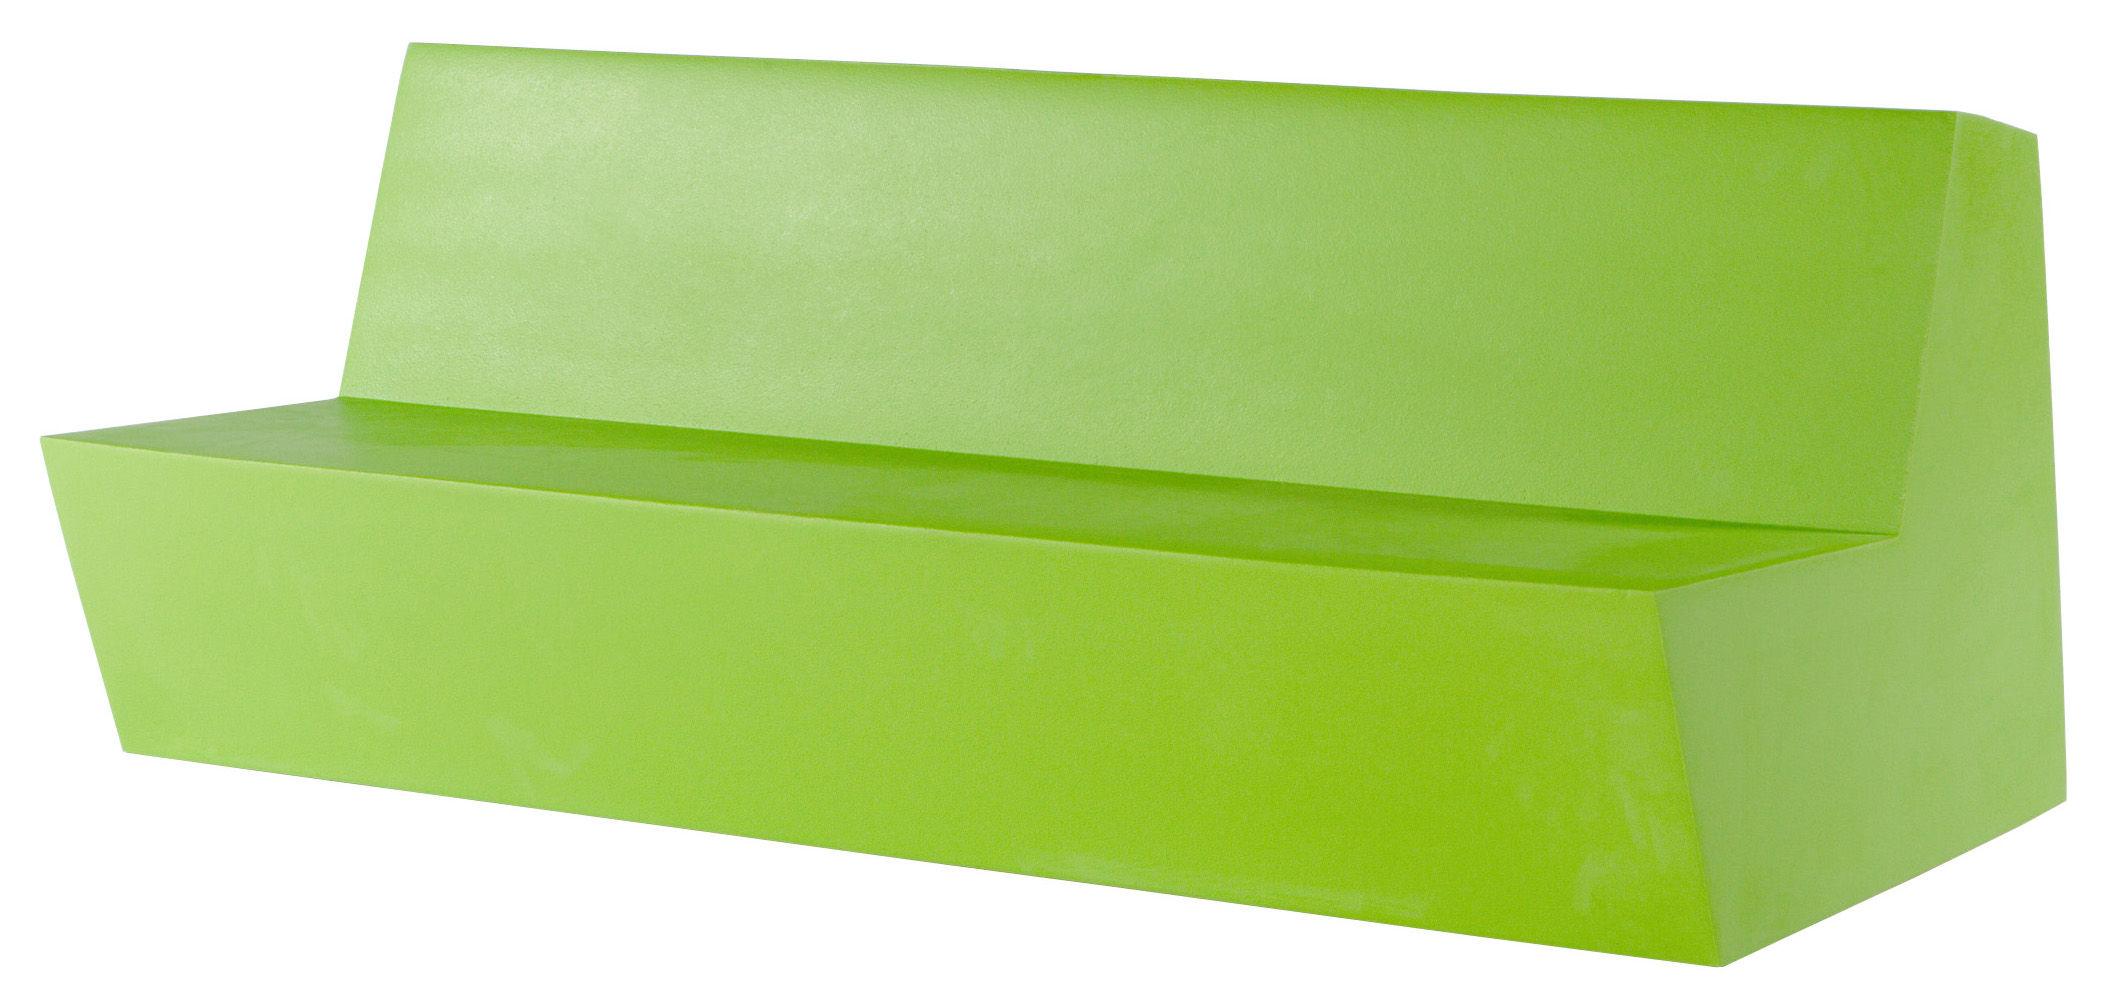 Arredamento - Mobili per bambini - Divano bimbi Minus Primary Quattro - 4 posti di Quinze & Milan - Verde limone - Schiuma di poliuretano